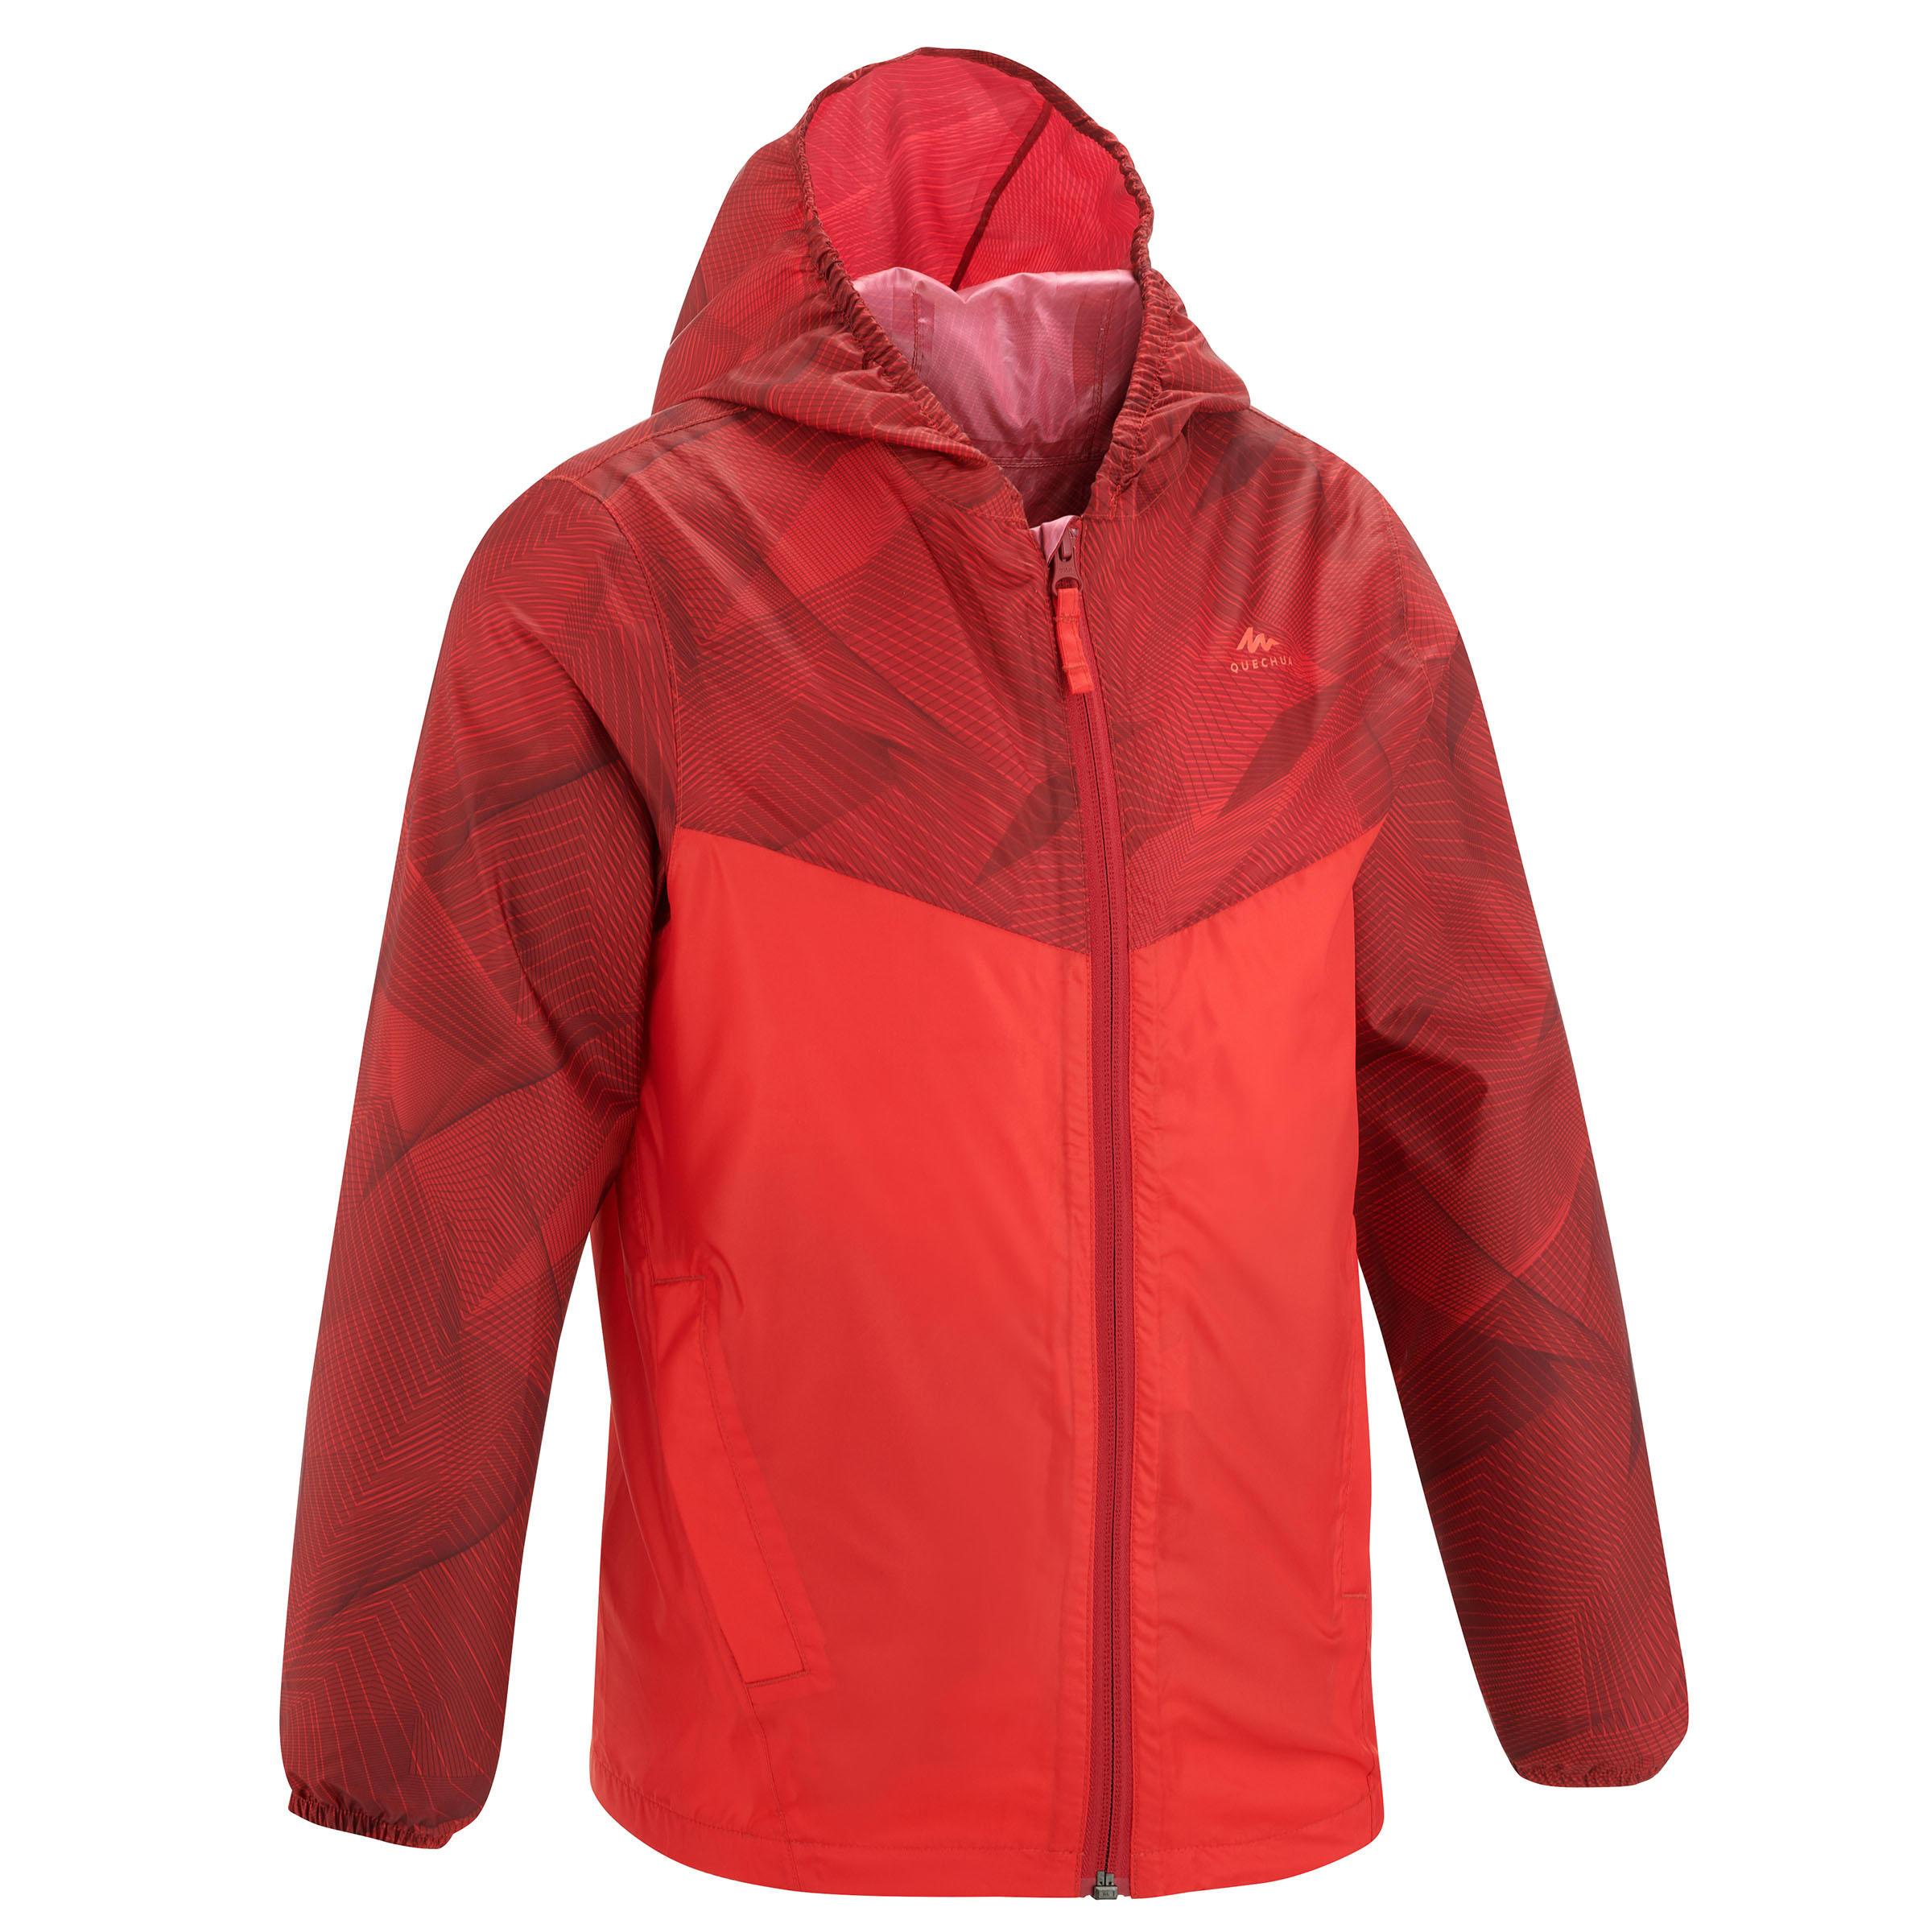 Trekking kleding kopen met voordeel